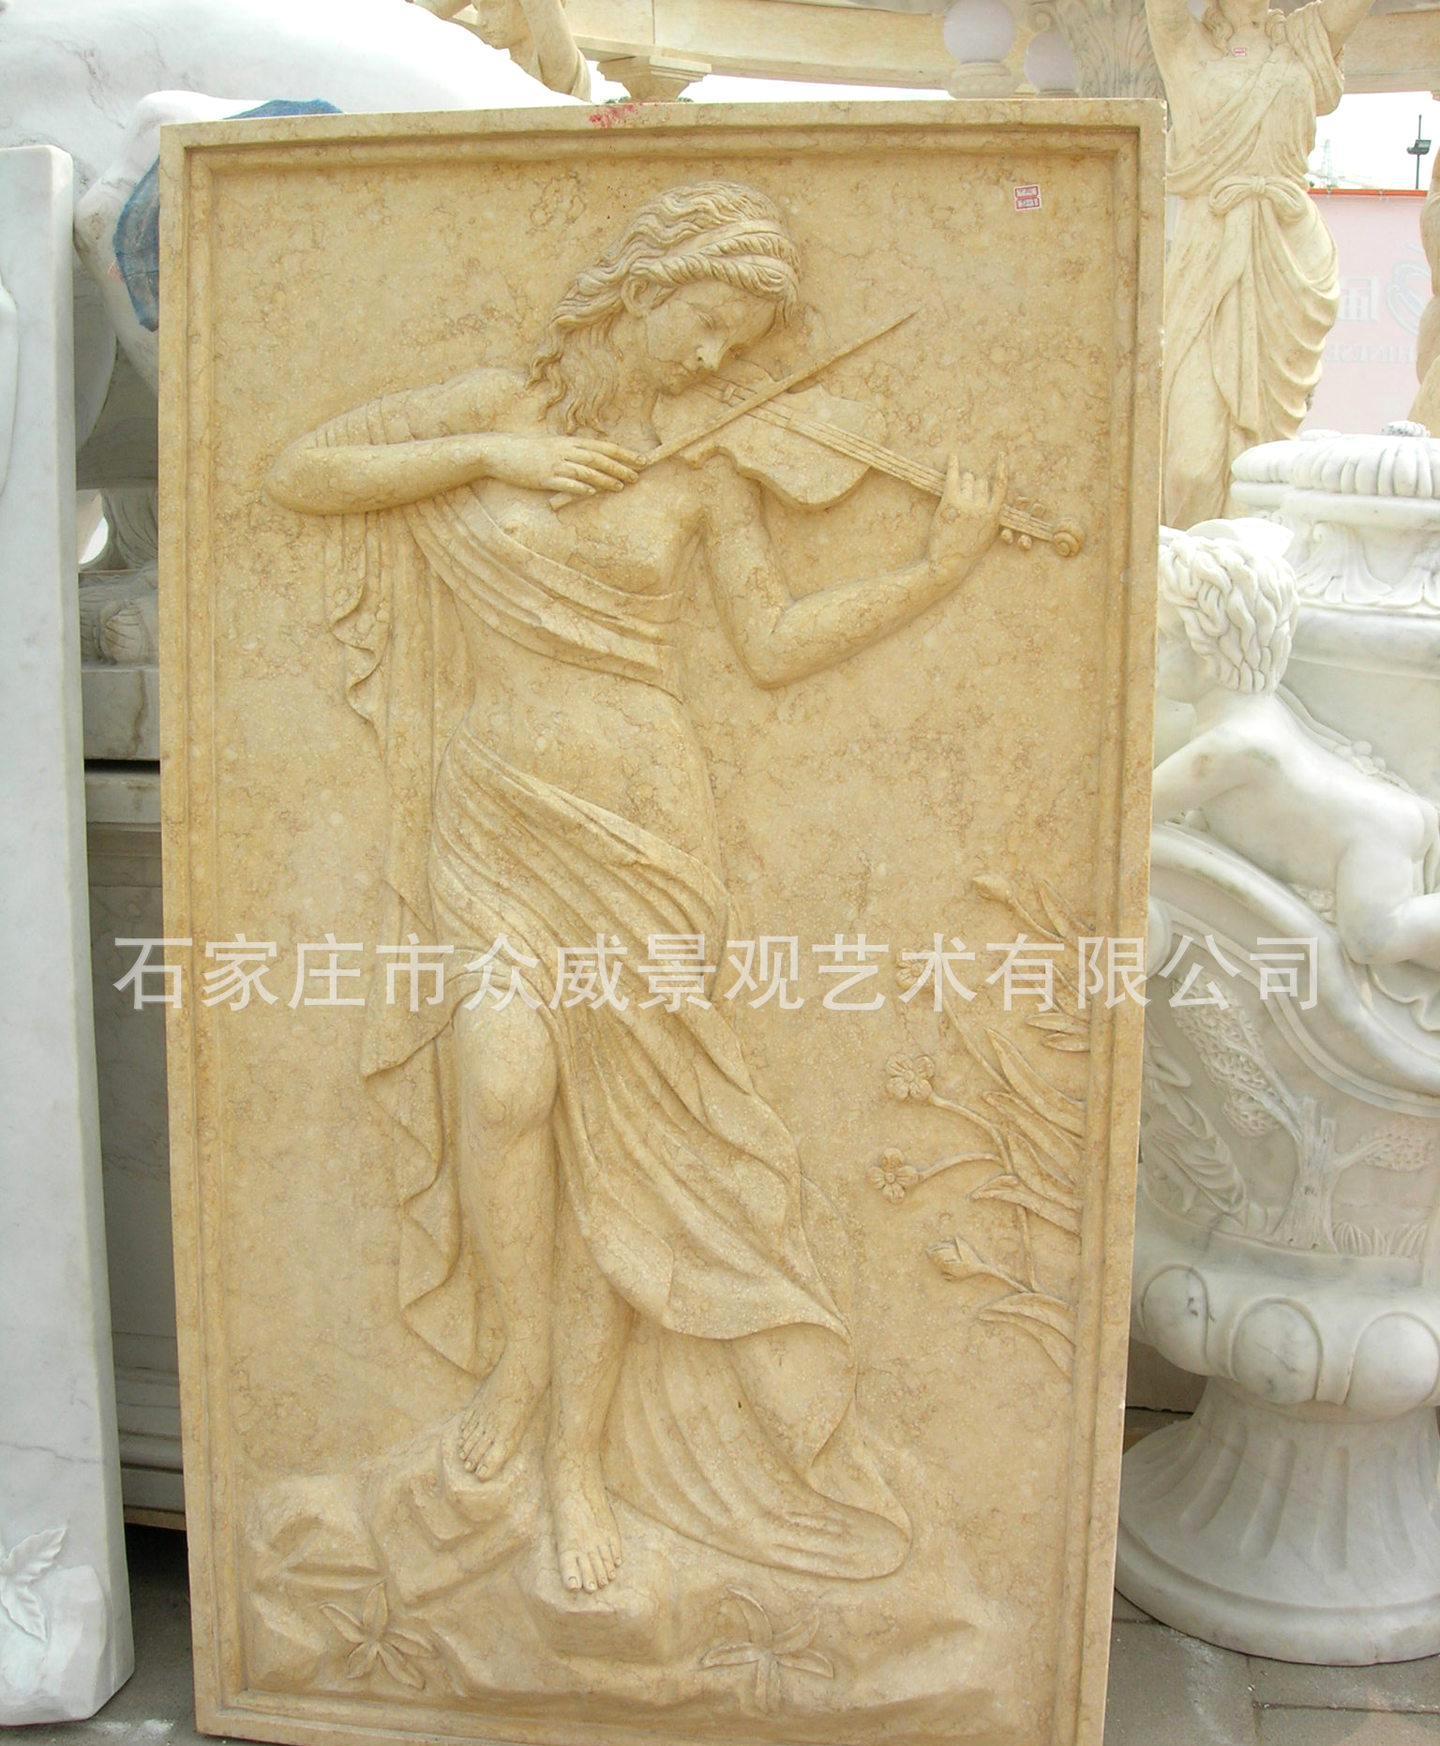 供应 浮雕,砂岩浮雕,人物浮雕,欧式浮雕